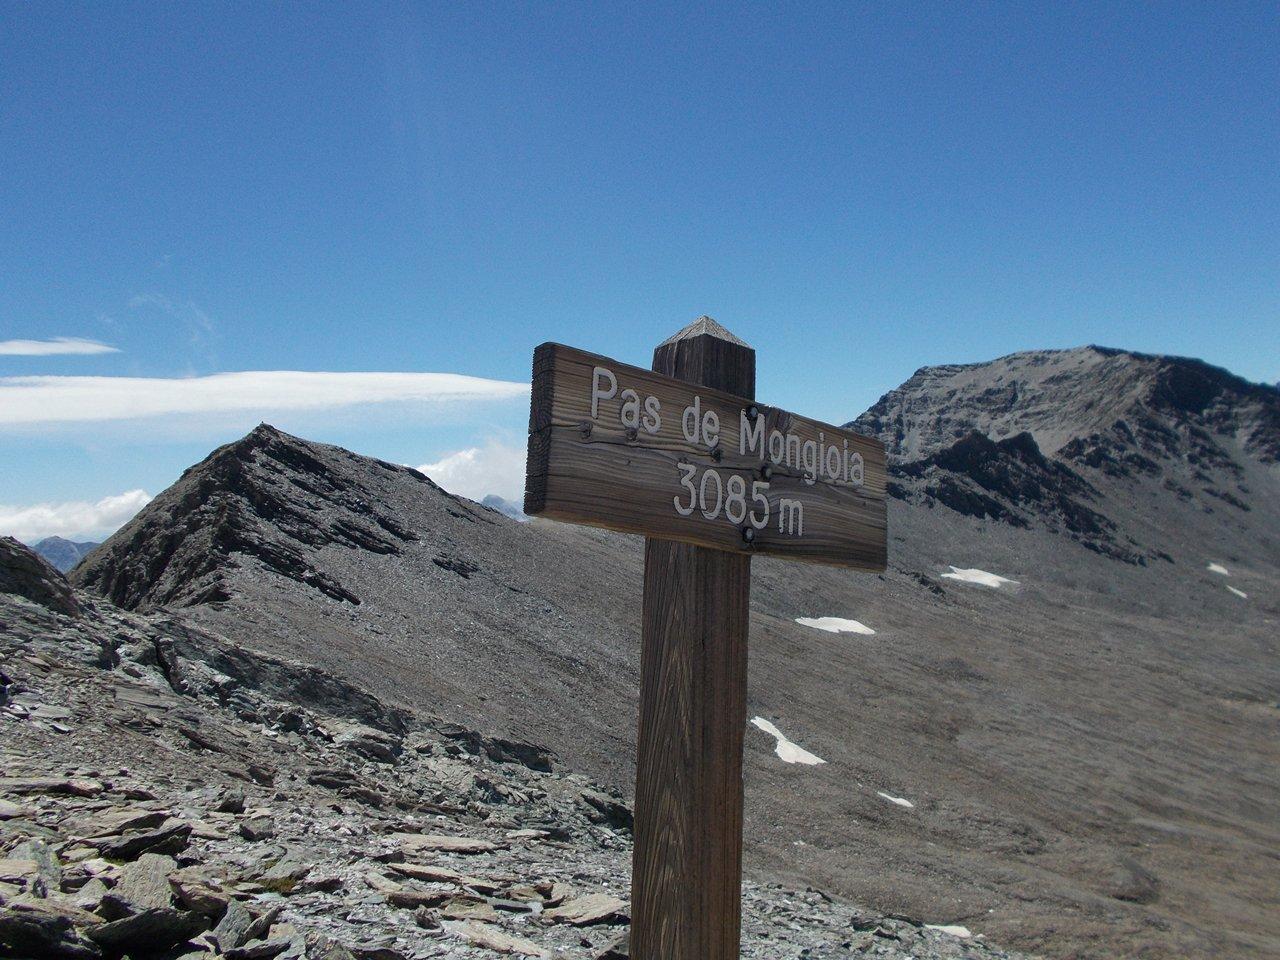 Giuep (Monte) da Sant'Anna, anello per il Passo Mongioia e Col de Longet 2016-08-07